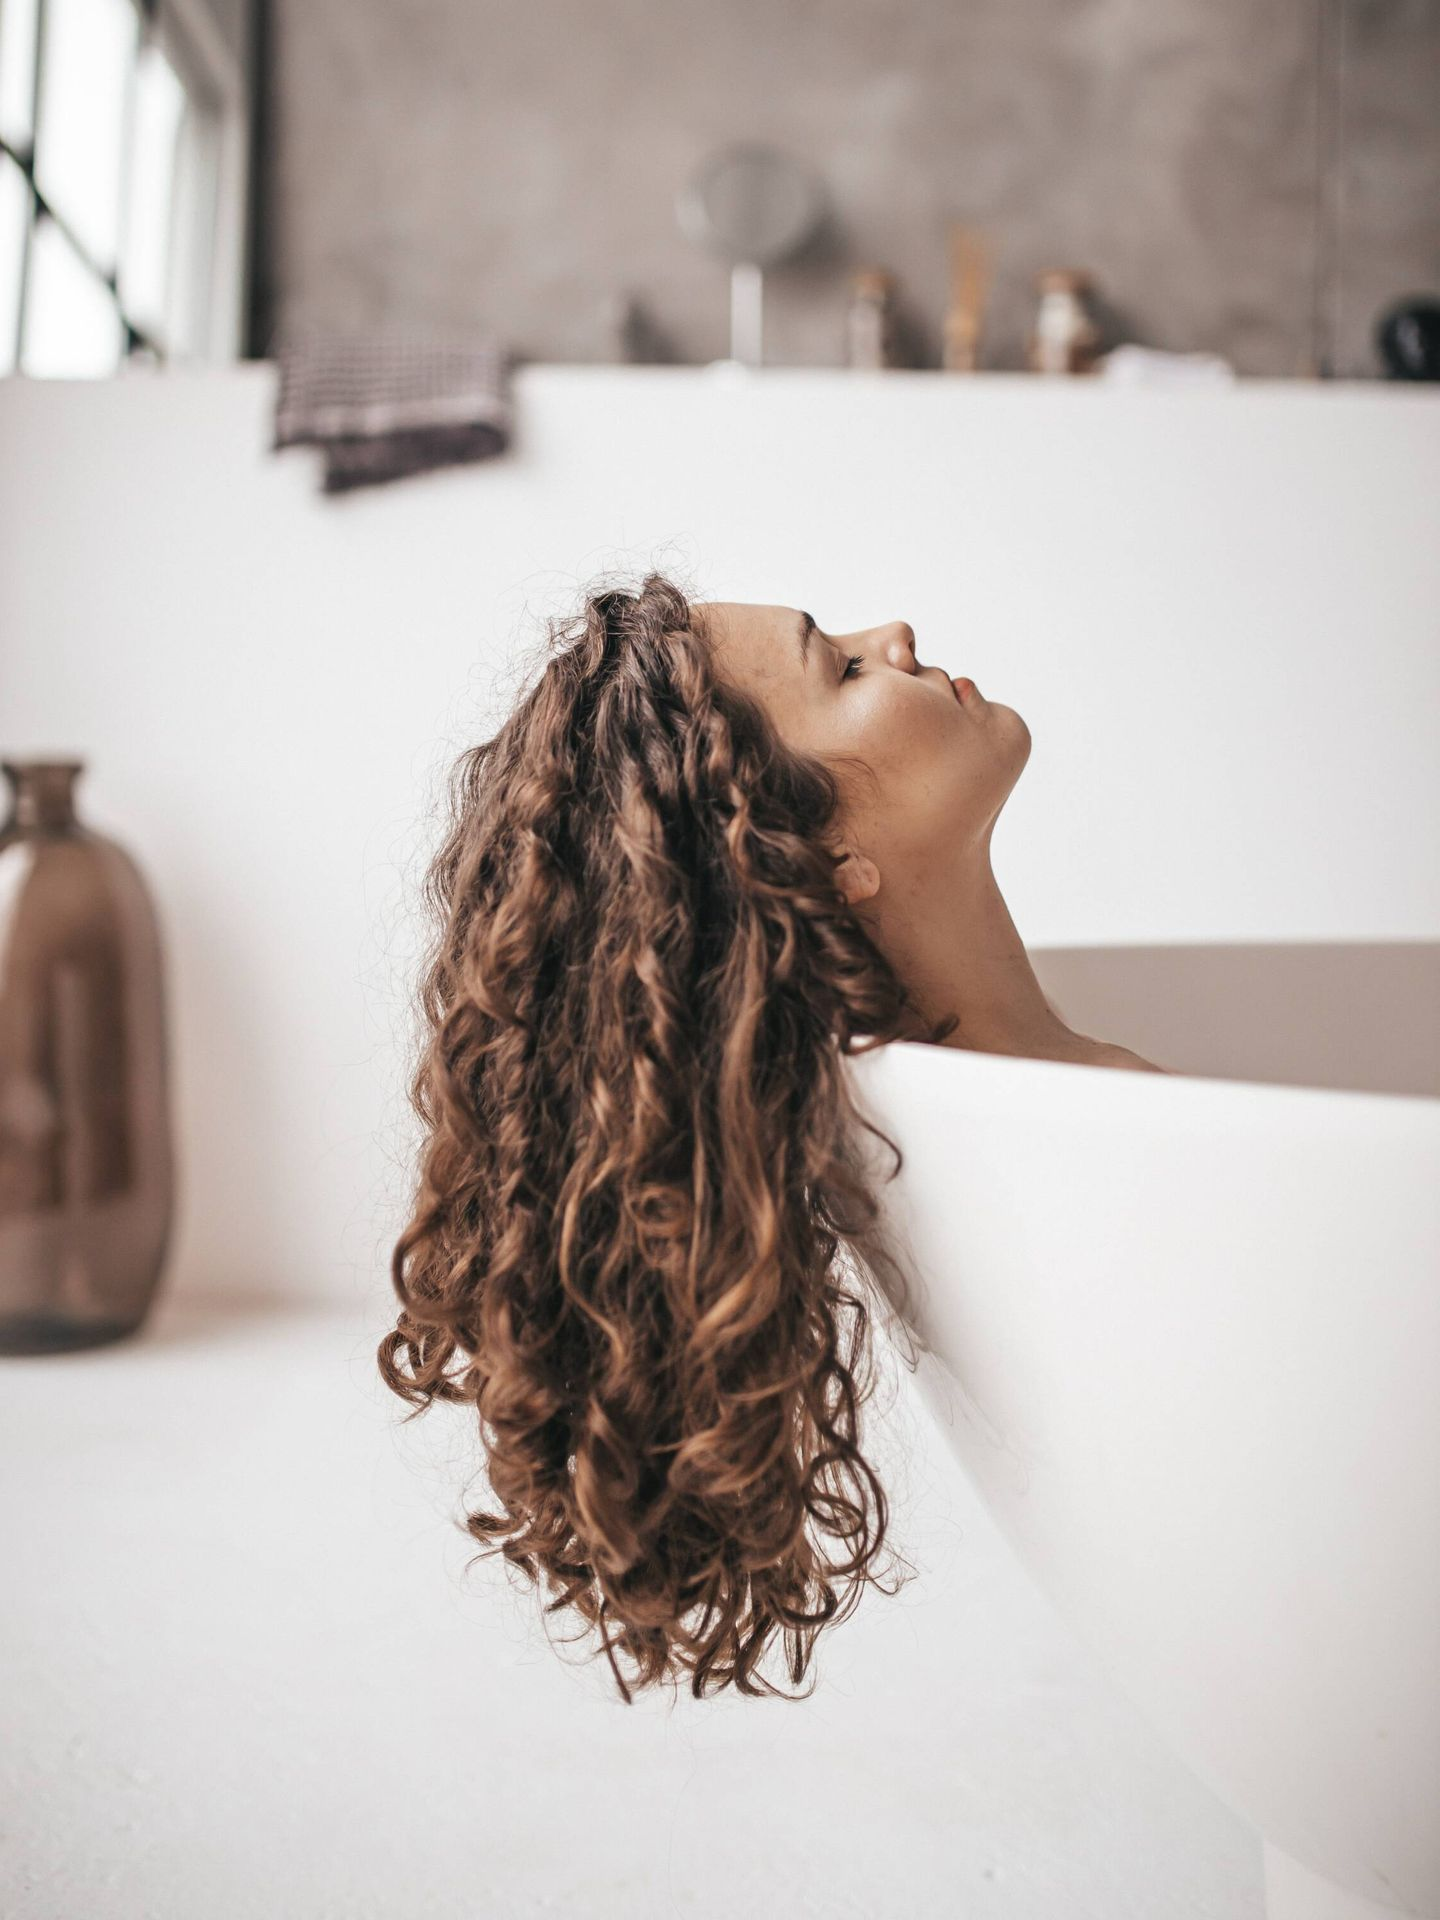 Dedica tu tiempo a mimar tu pelo. (Taisiia Stupak para Unsplash)